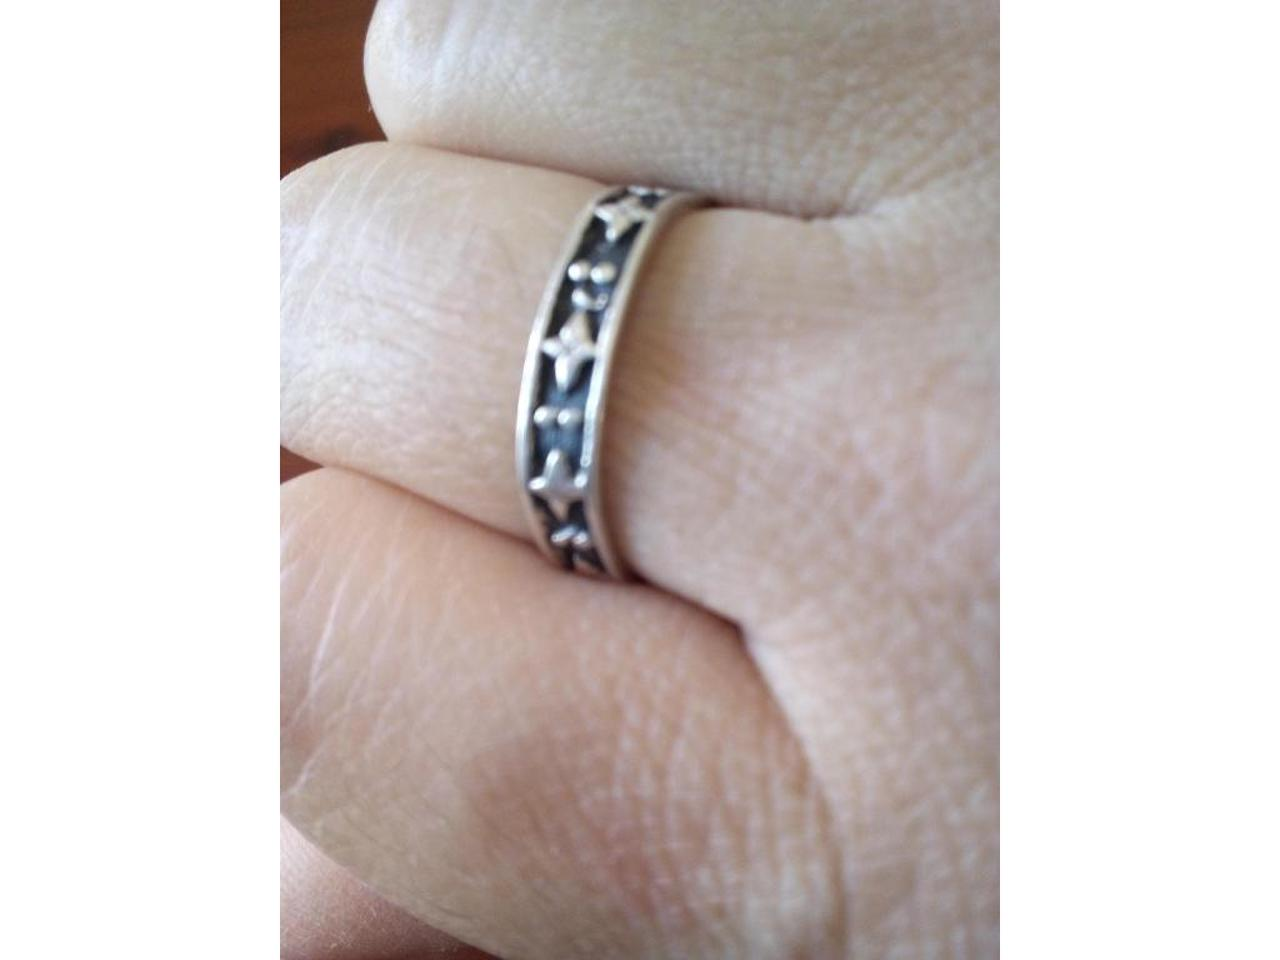 Pulseira e anel ajustável, em prata de lei. Unisexo. - 6/8